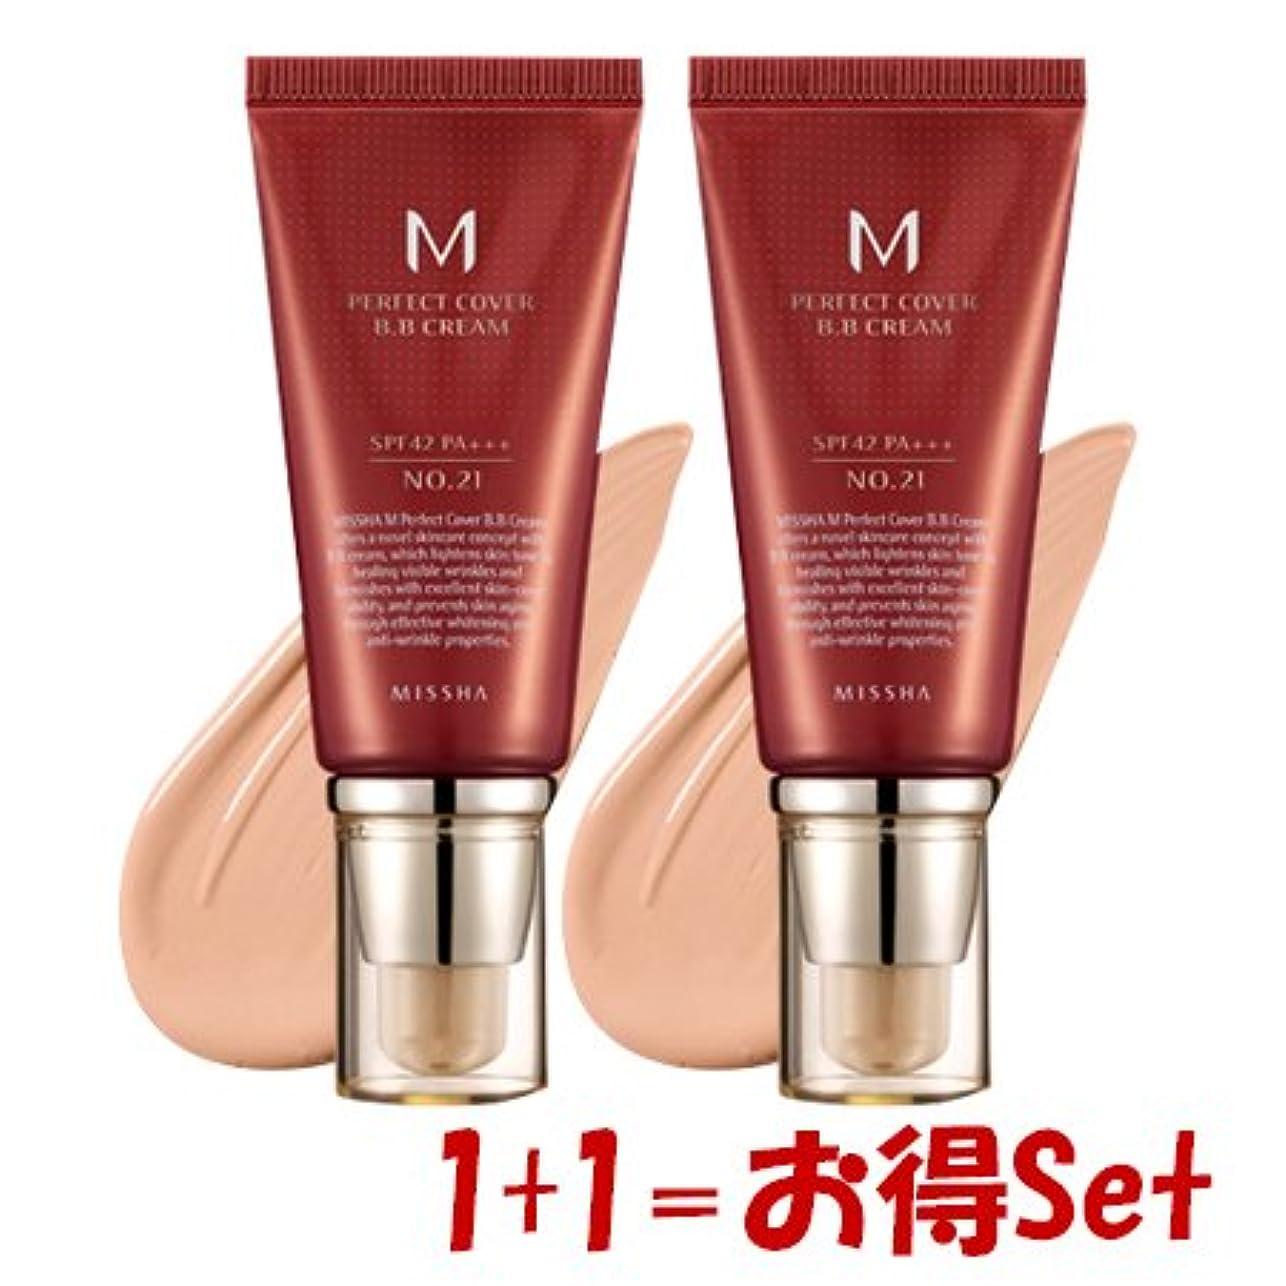 硬化するウェイドためらうMISSHA(ミシャ) M Perfect Cover パーフェクトカバーBBクリーム 21号+ 21号(1+1=Set) [並行輸入品]